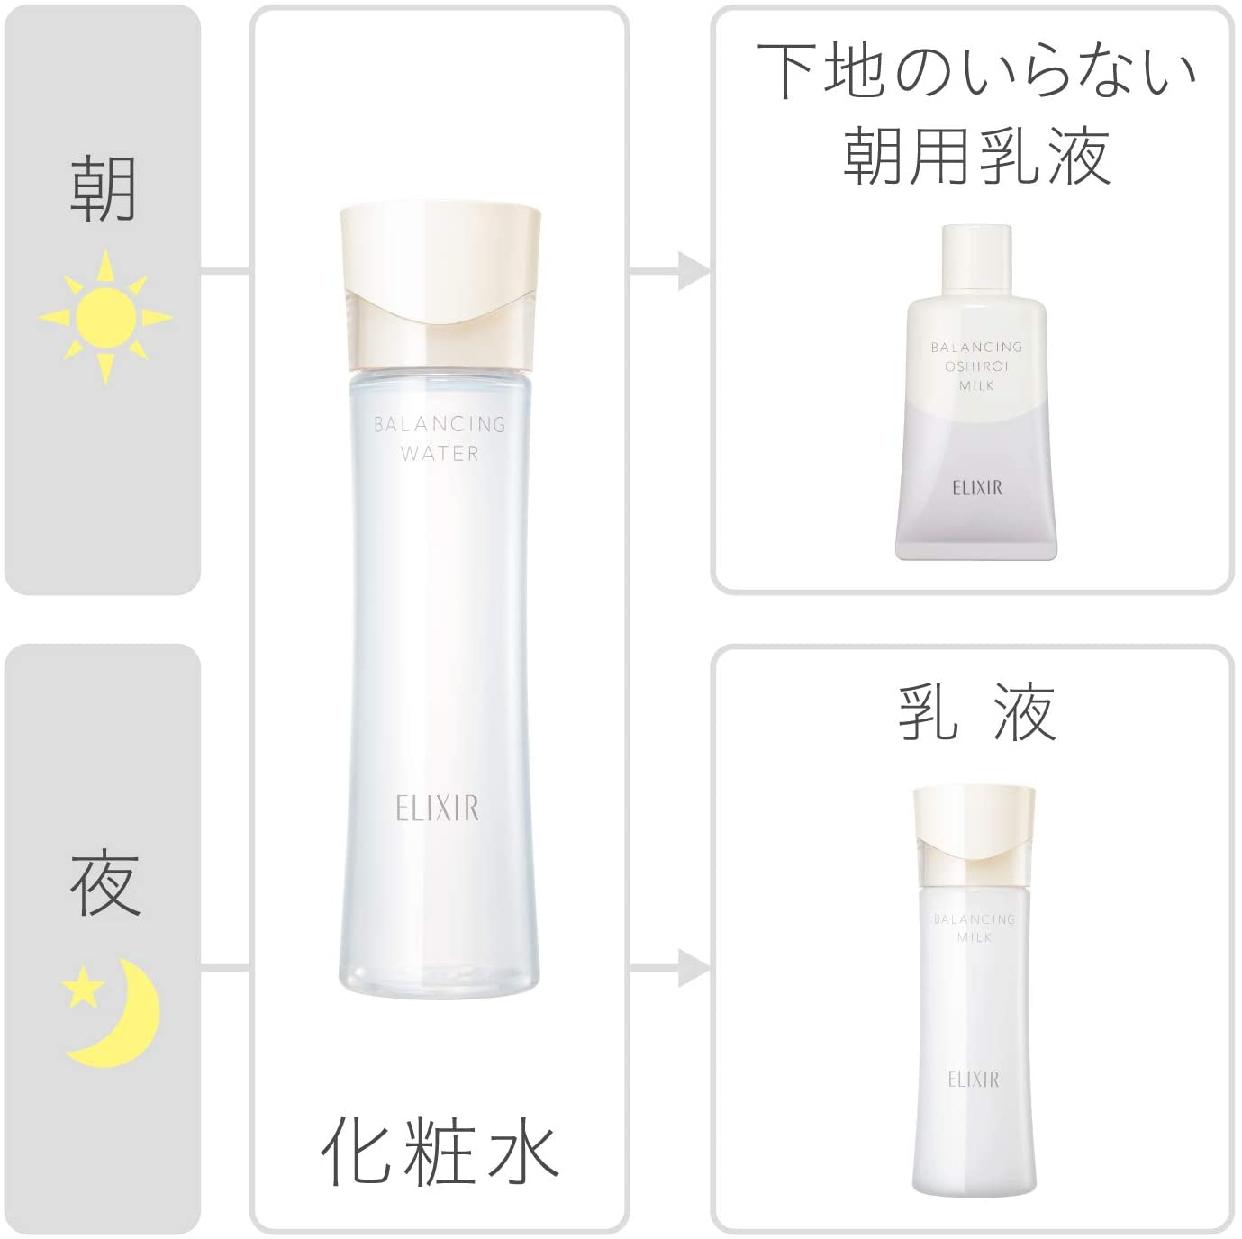 ELIXIR(エリクシール) ルフレ バランシング ミルク Ⅱの商品画像11